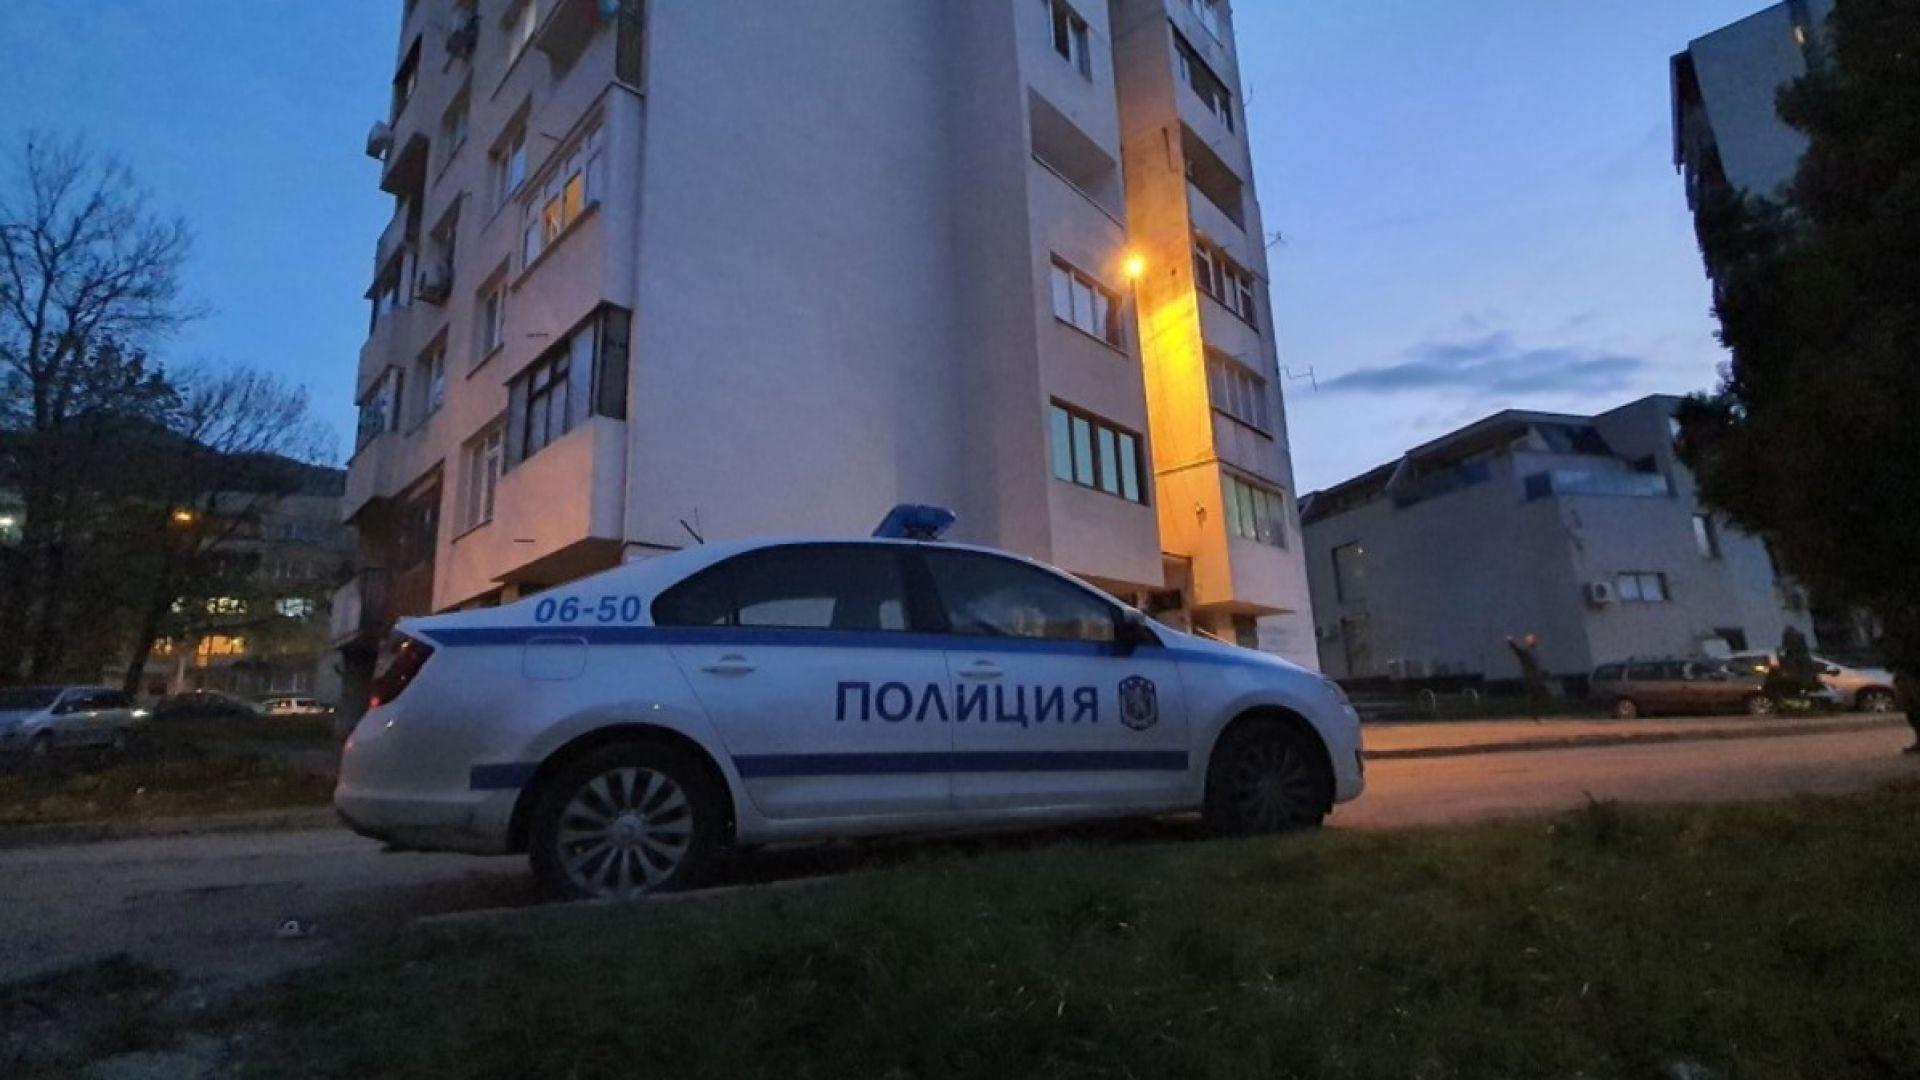 Мъртва жена и тежко ранено 3-годишно дете открити в жилище във Враца